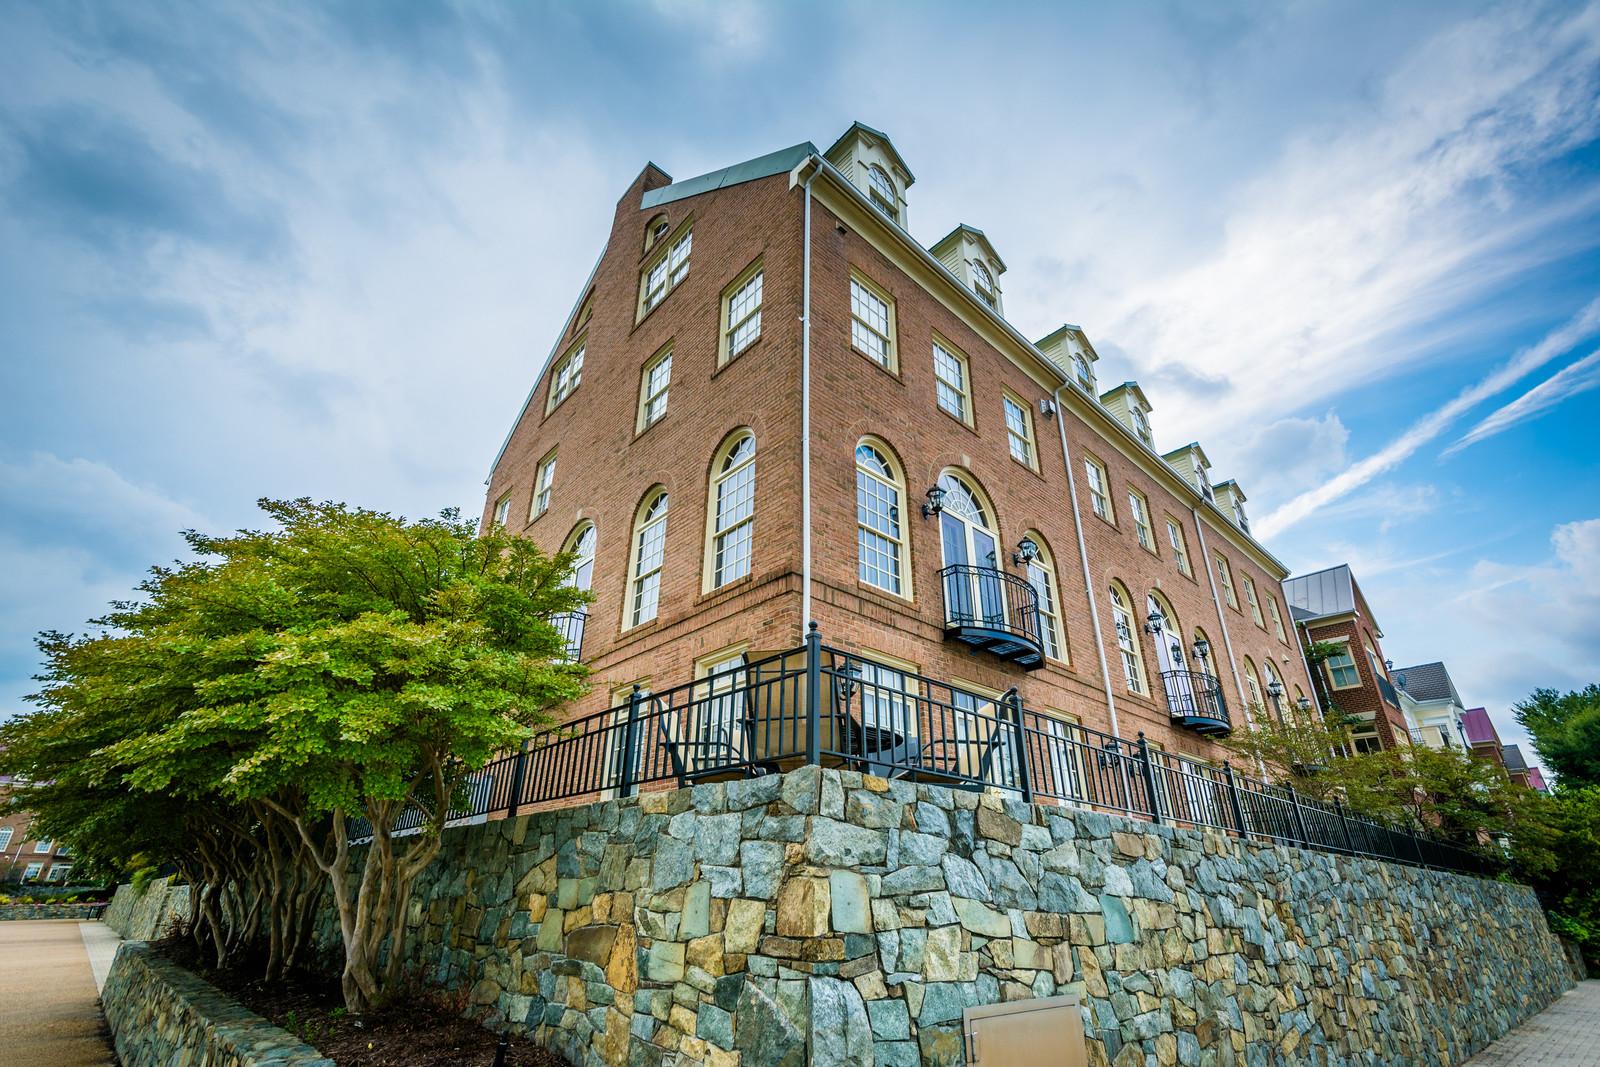 Brick apartment building in Alexandria Virginia